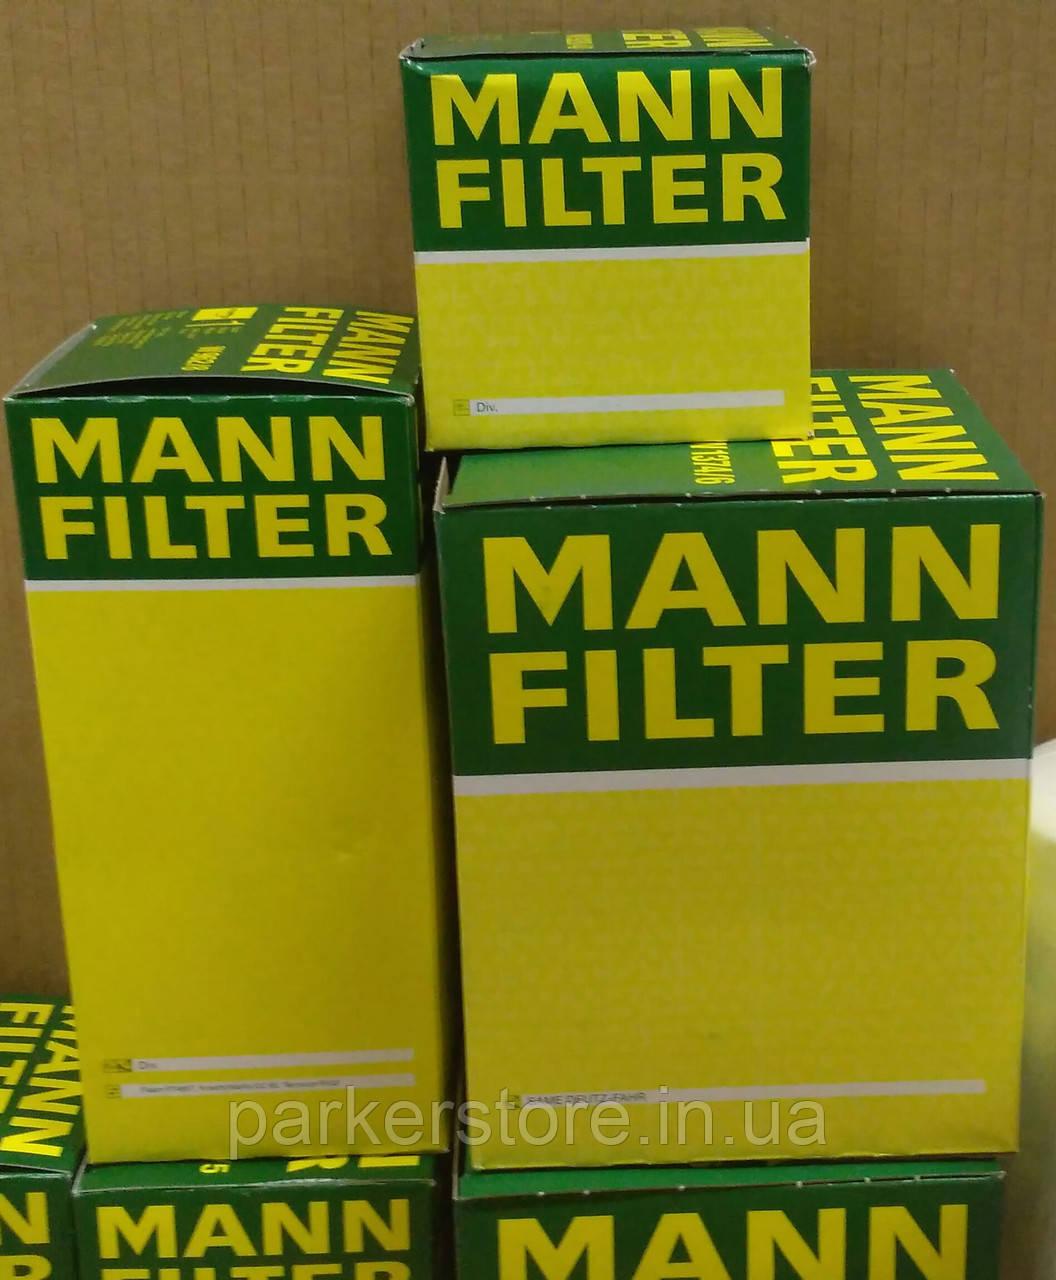 MANN FILTER / Повітряний фільтр / C 14 010 / C14010